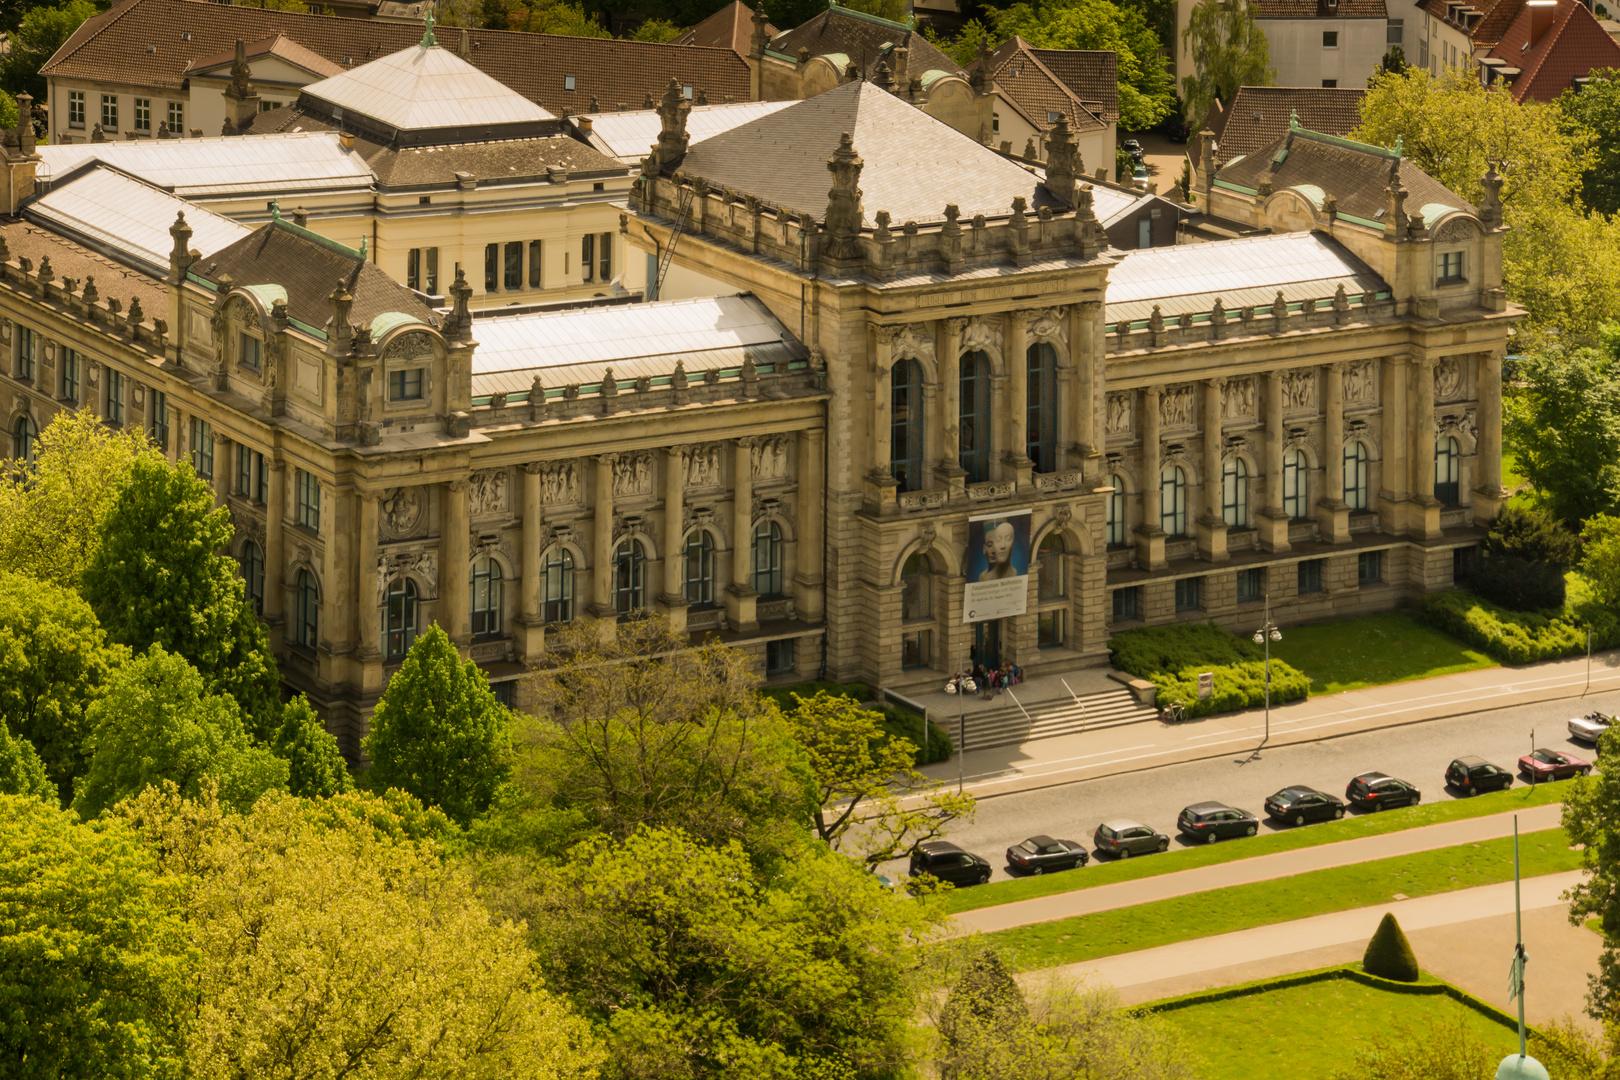 Moderne Architektur In Hannover Foto Bild: Landesmuseum - Hannover Foto & Bild